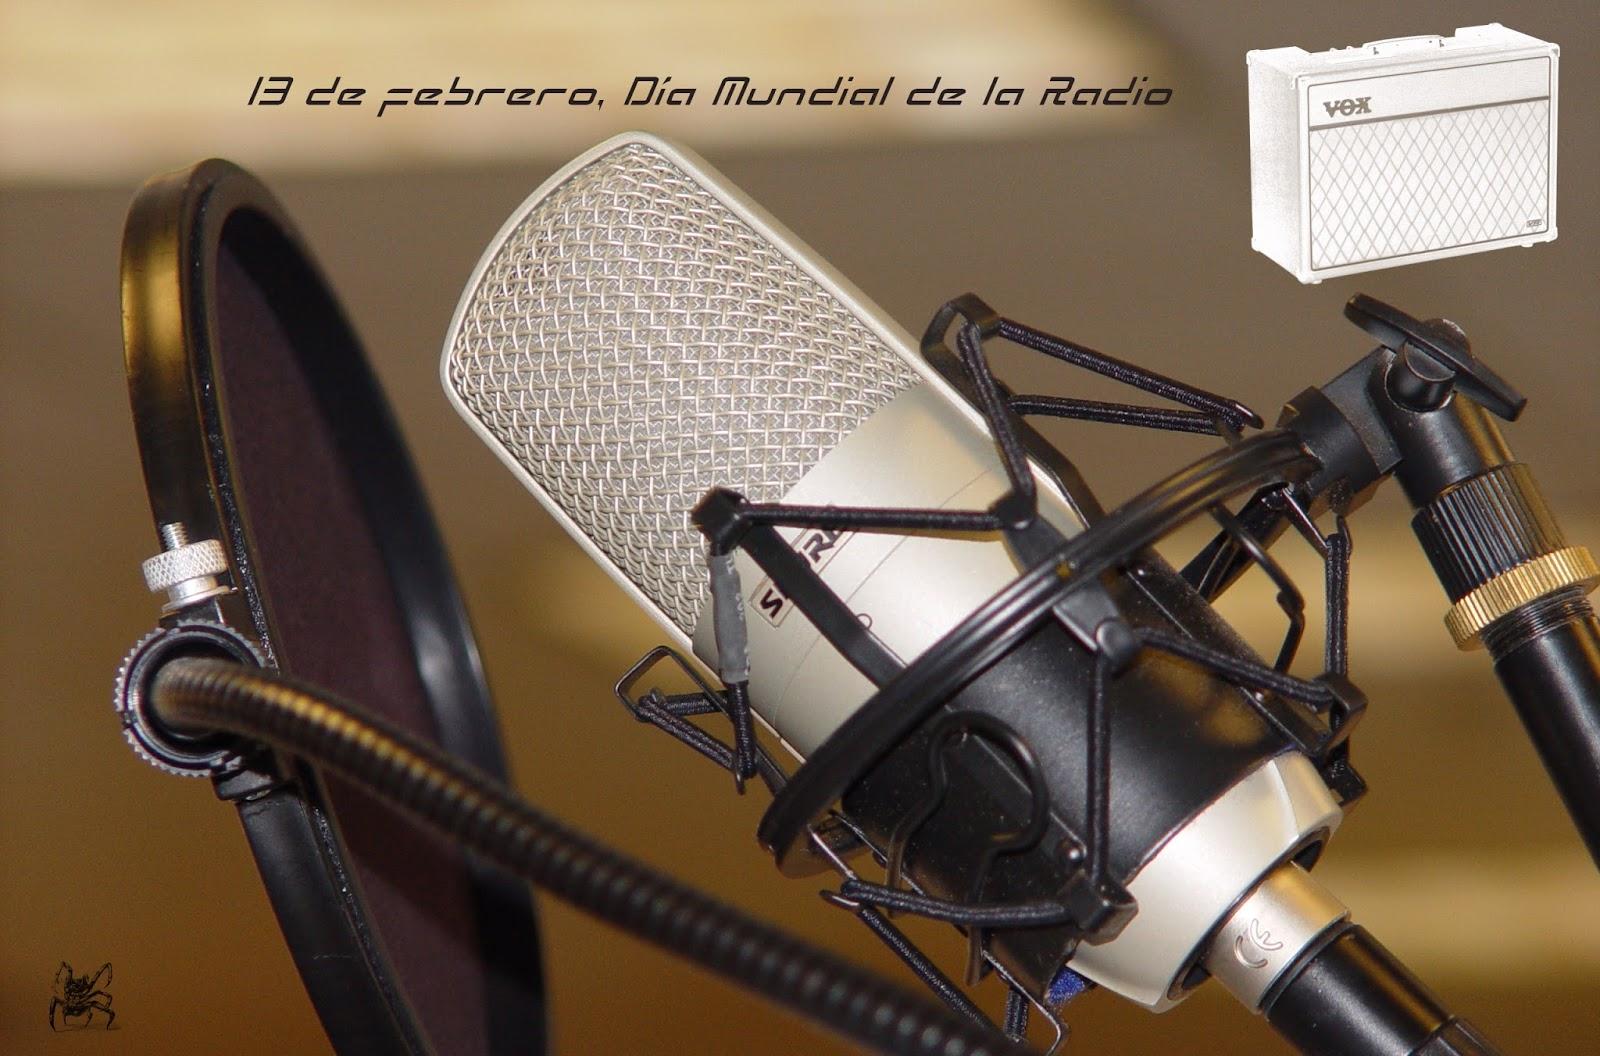 13 de febrero, Día Mundial de la Radio.